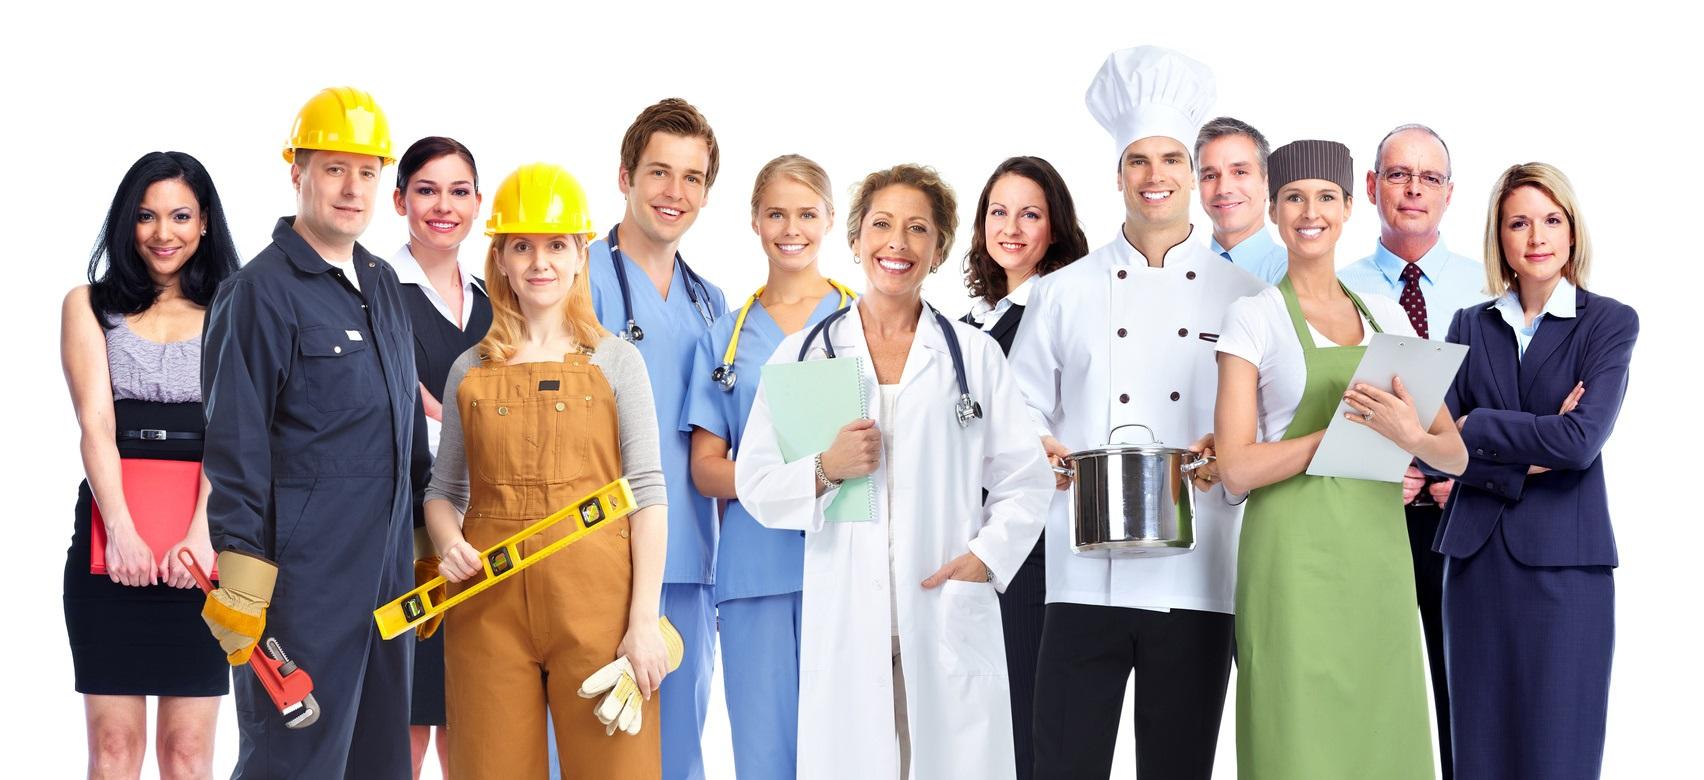 Gruppe von Menschen aus unterschiedlichen Branchen